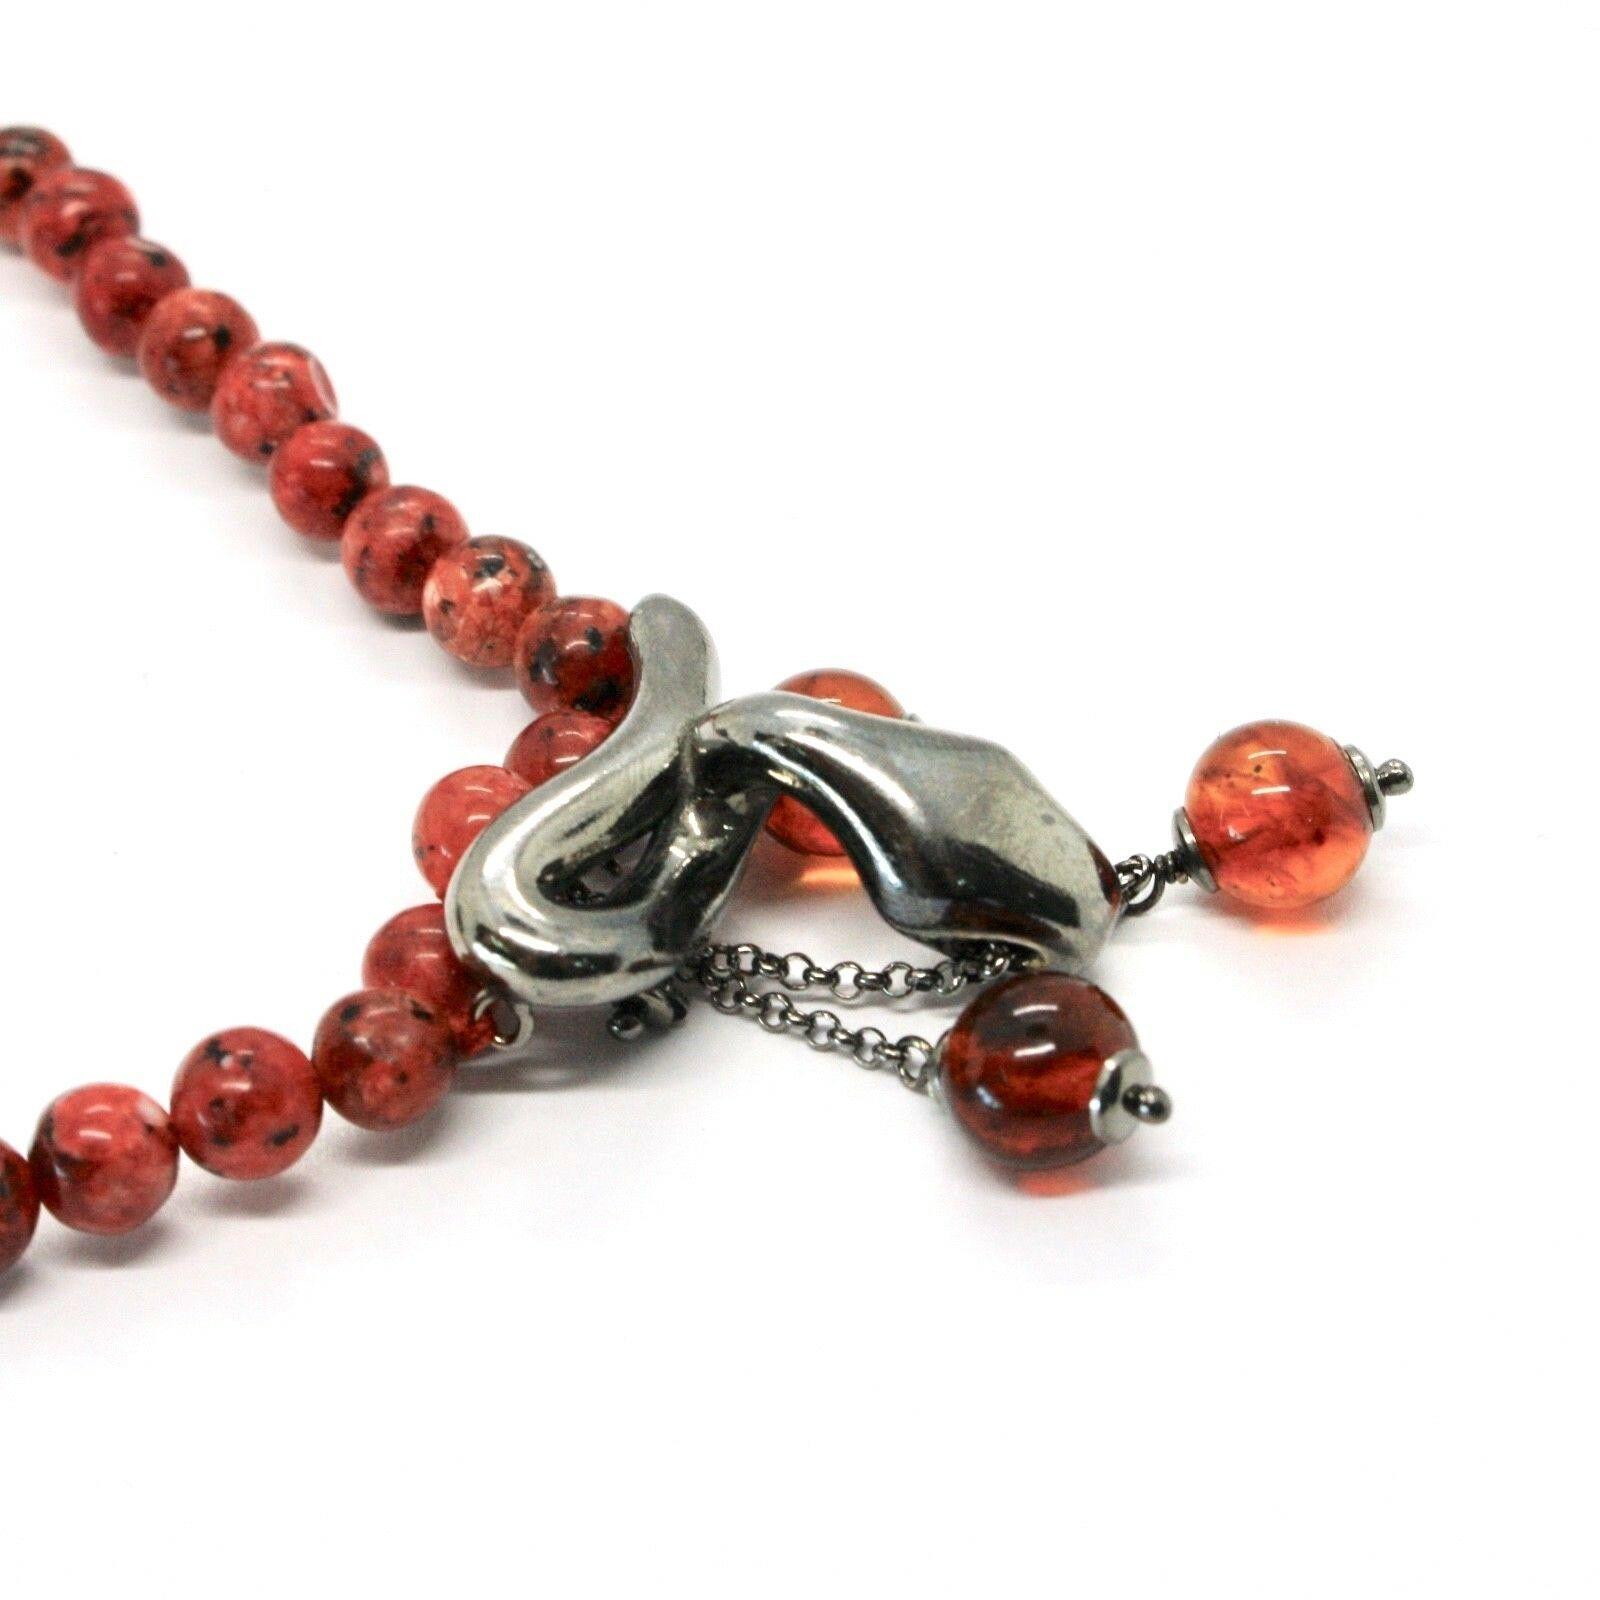 Collar de Plata 925 con Serpiente Pulido y Jasper, Made IN Italy por Varonil